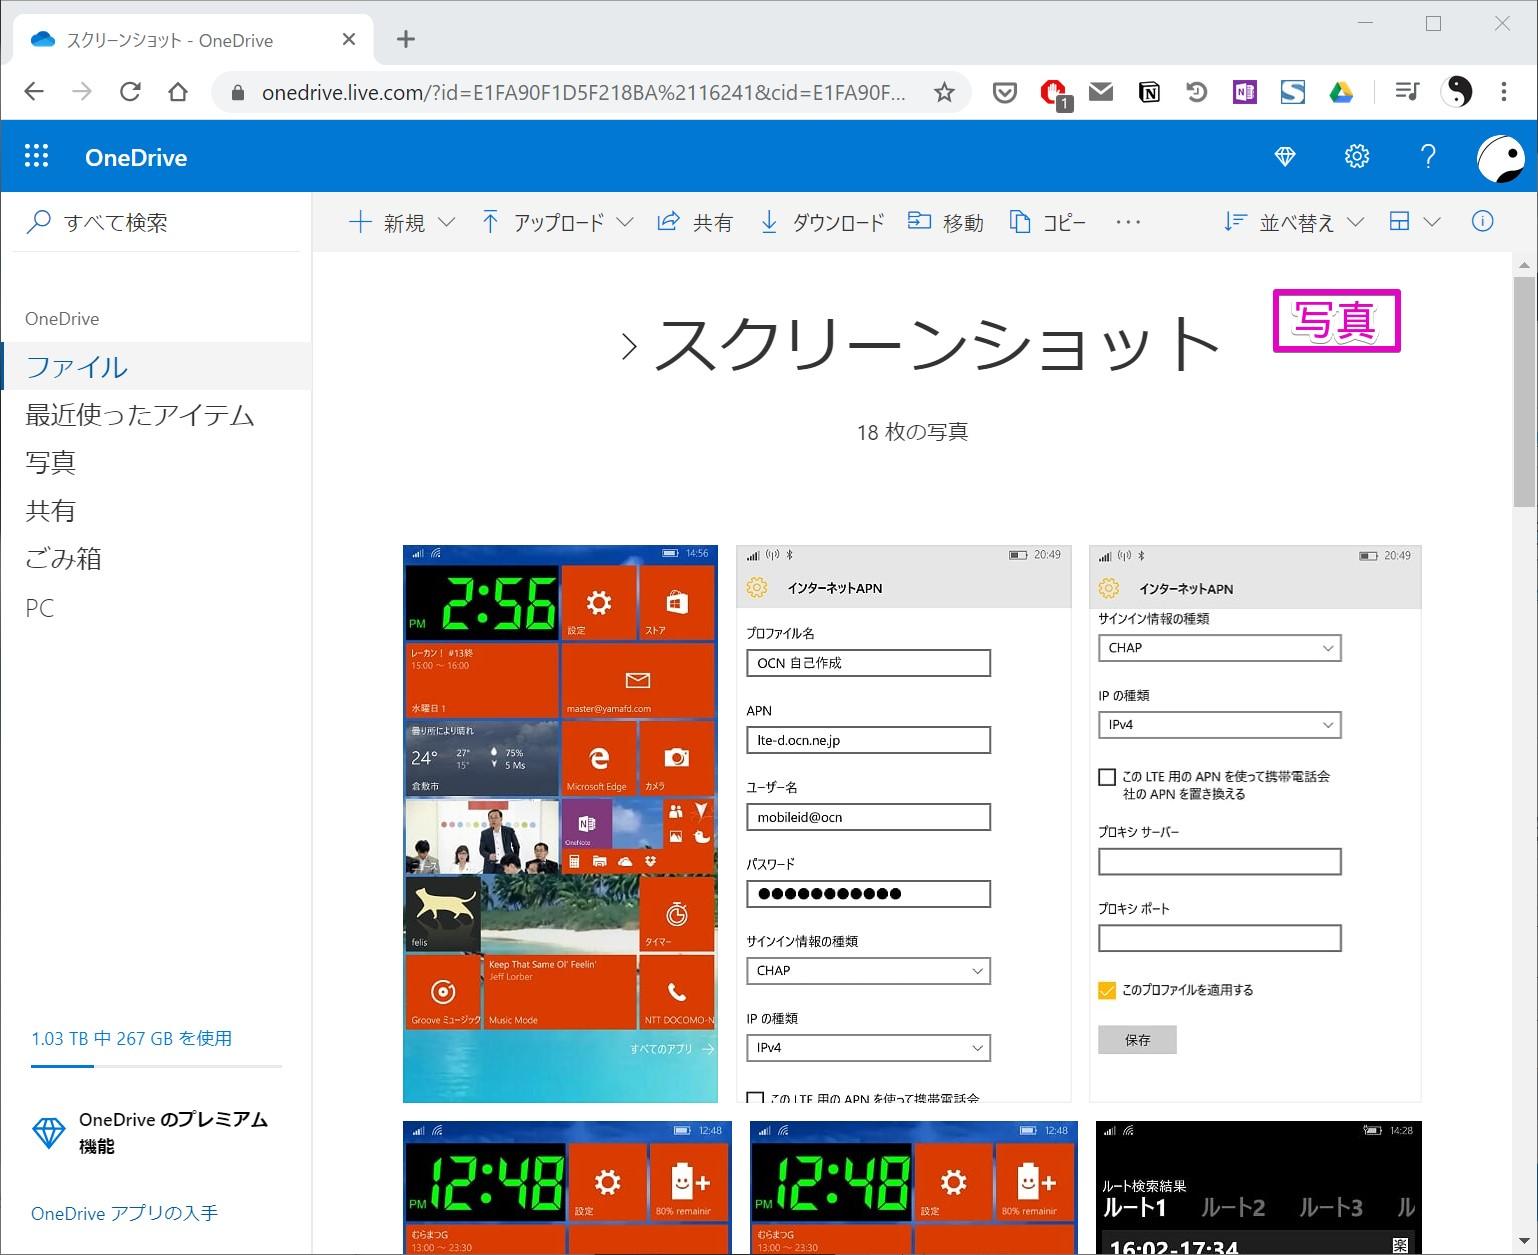 WEBブラウザーで表示モードを変更する